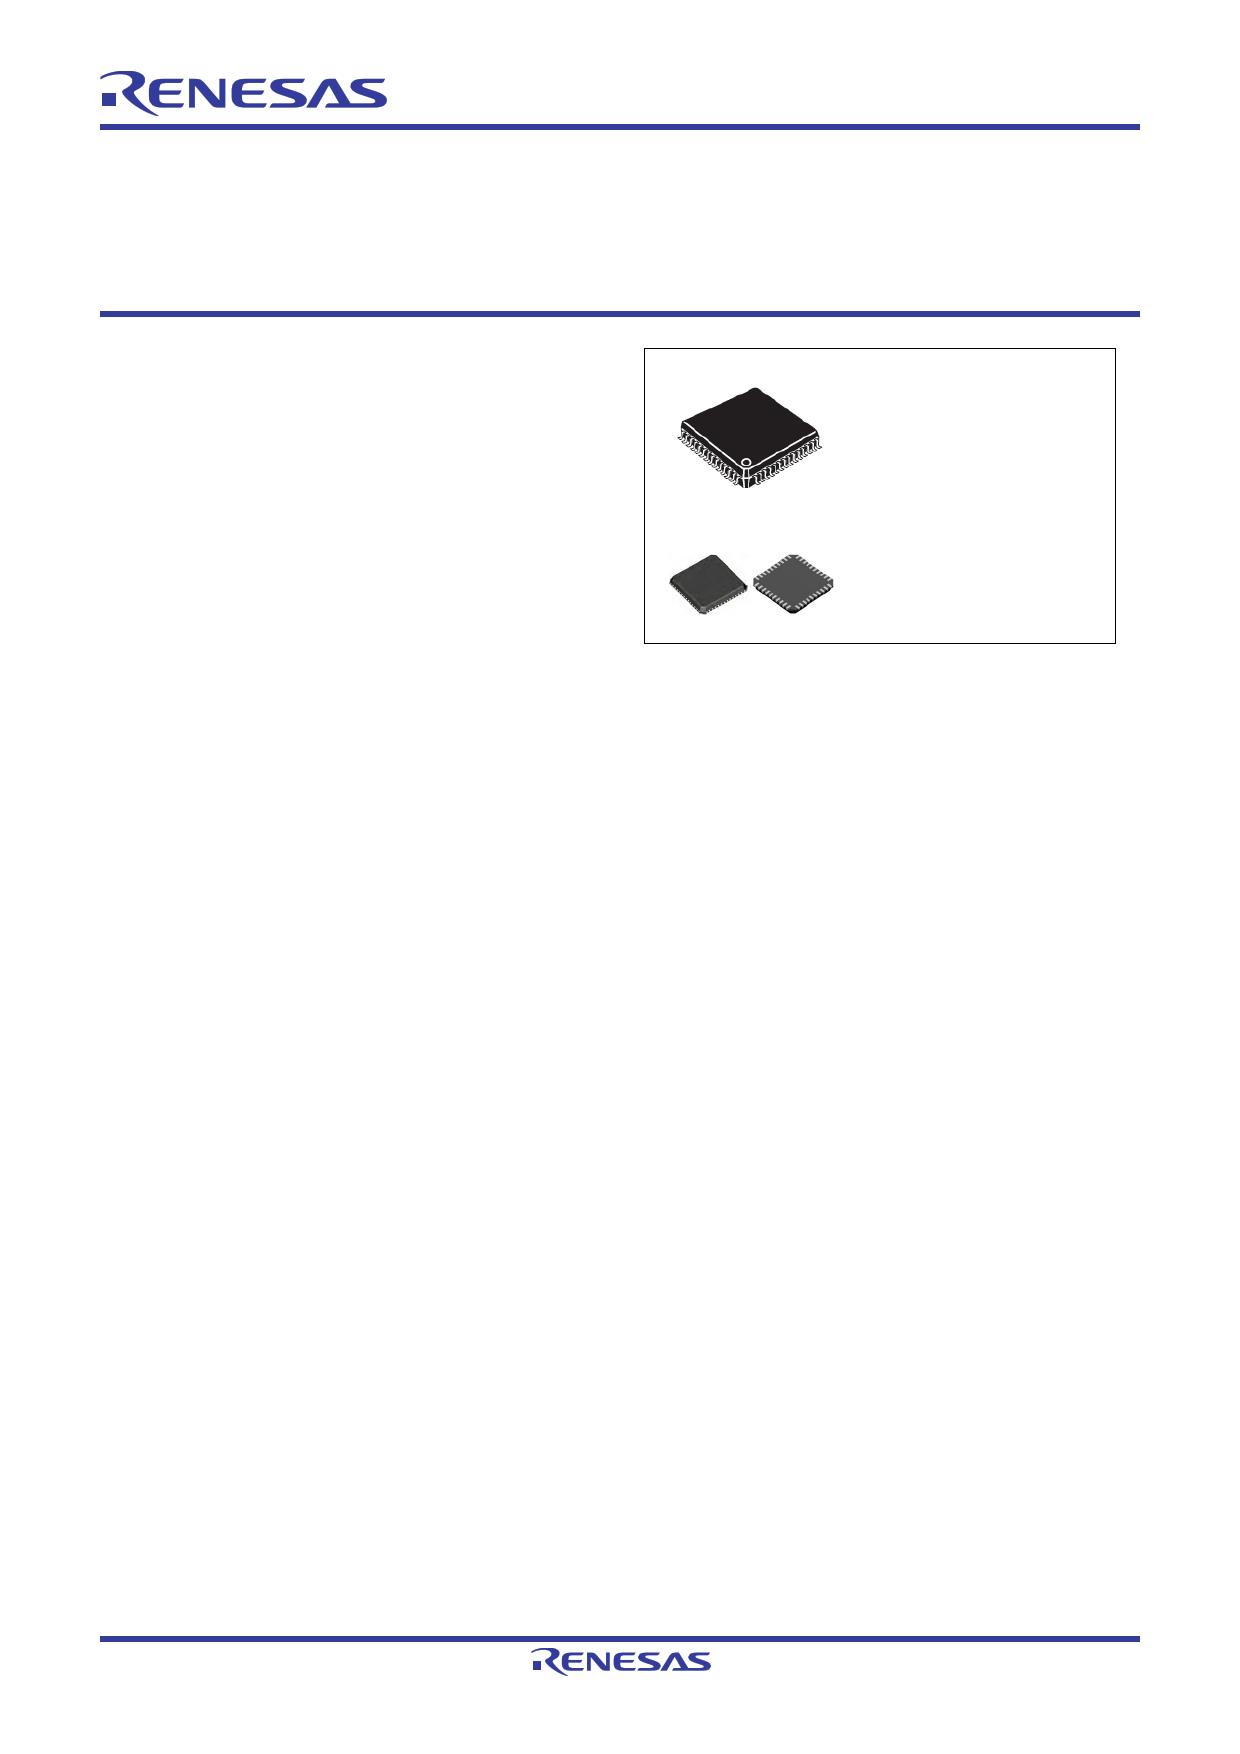 R5F51303AGFN 데이터시트 및 R5F51303AGFN PDF